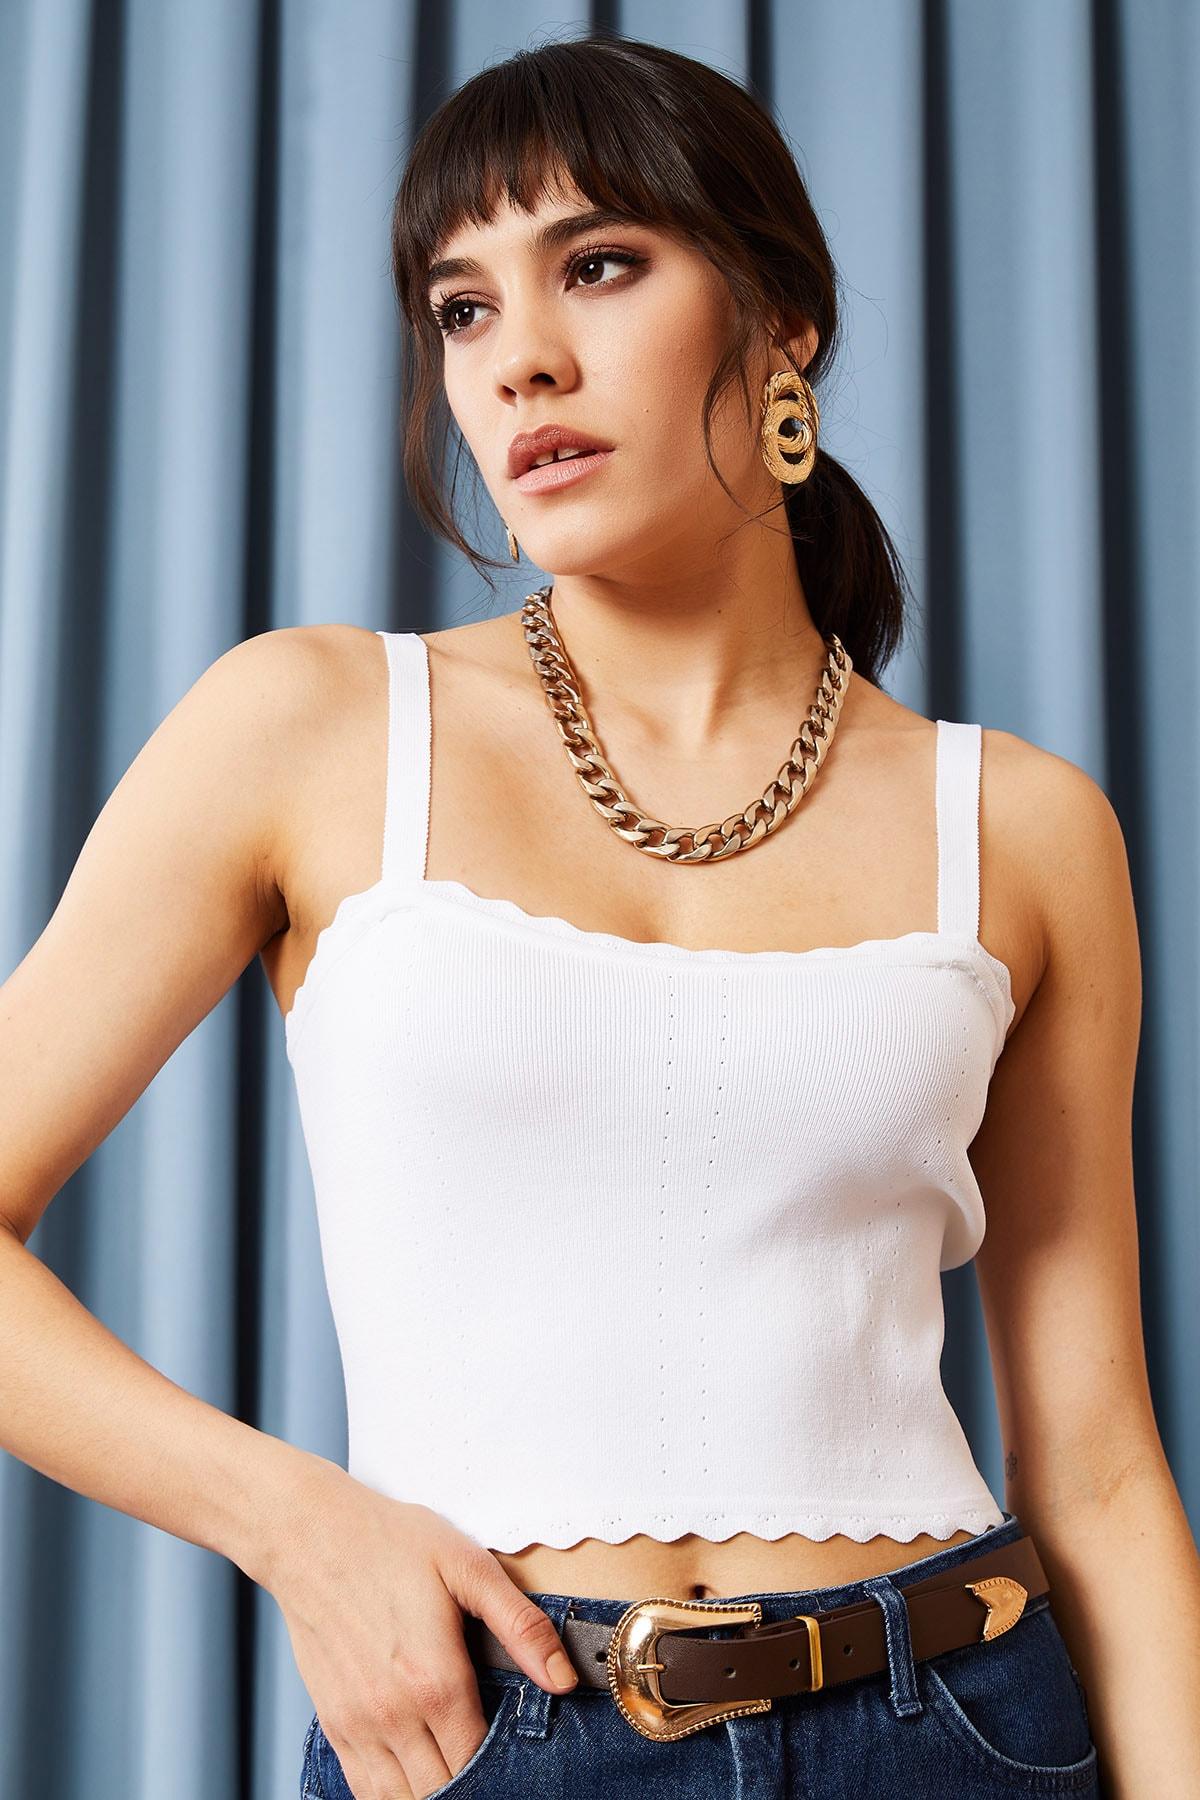 Olalook Kadın Beyaz Fırfırlı Yazlık Bel Üstü Triko Bluz BLZ-19000882 2